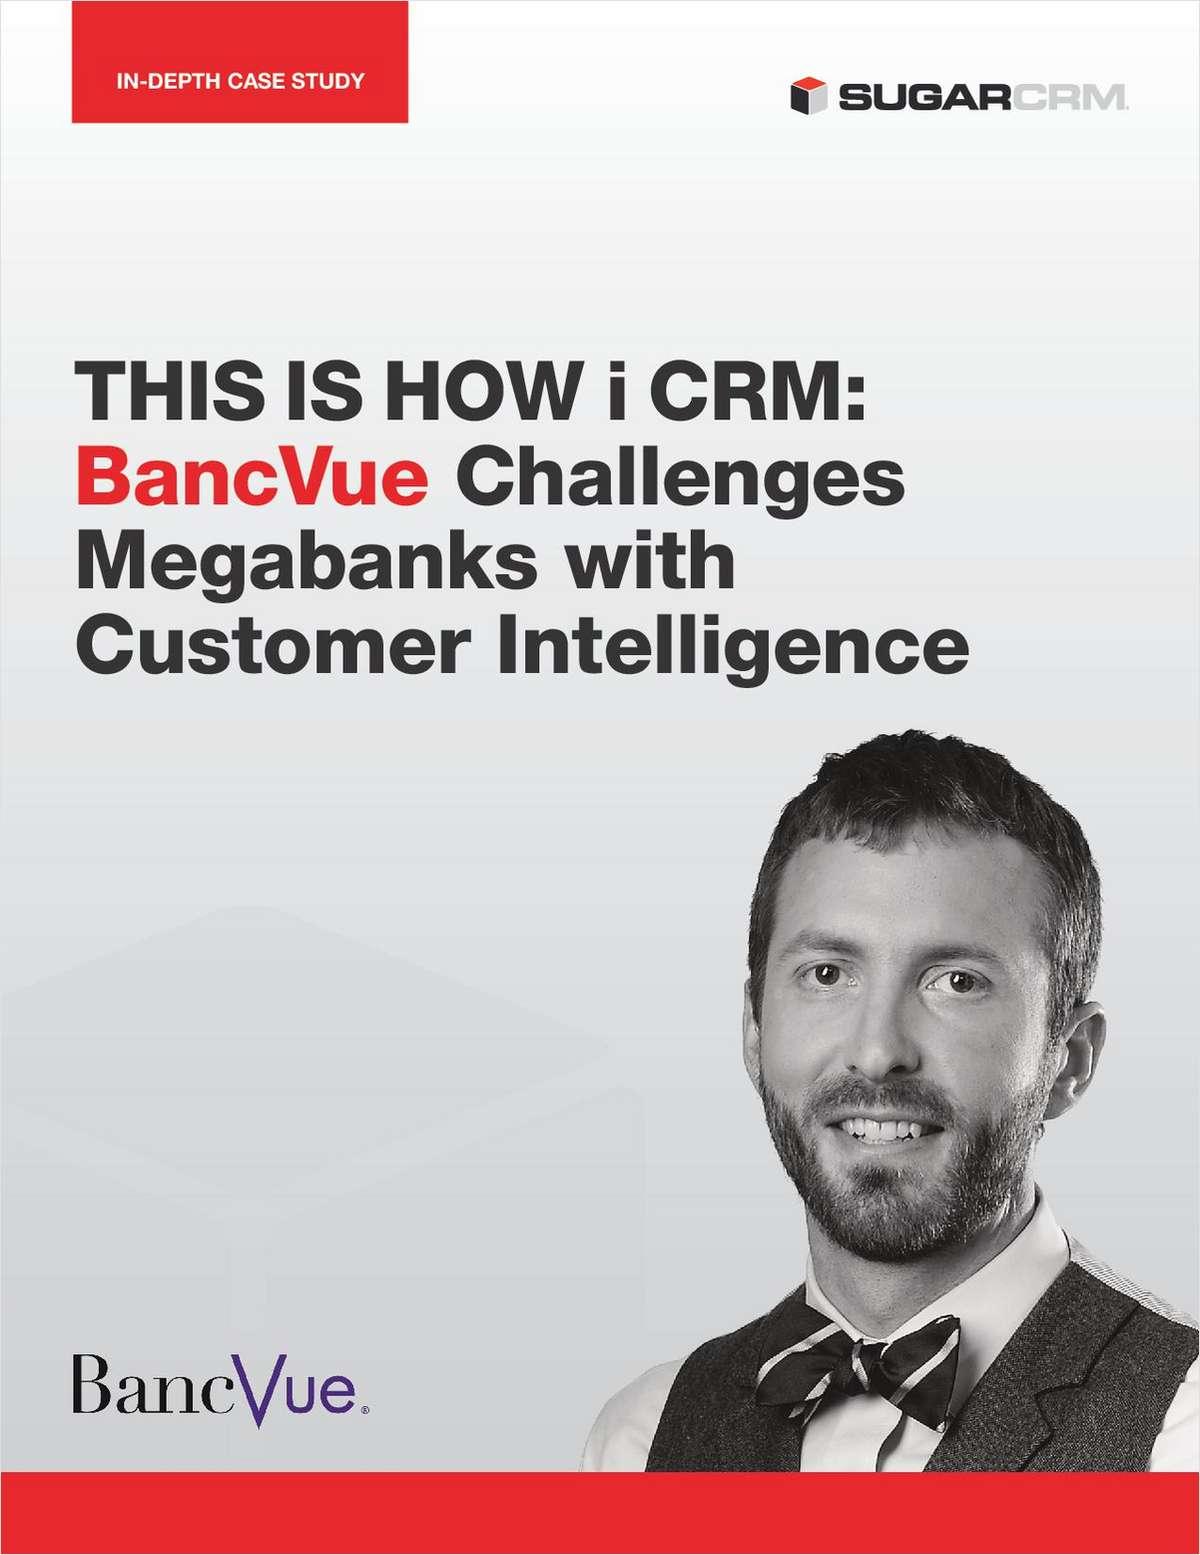 BancVue Challenges Megabanks with Customer Intelligence